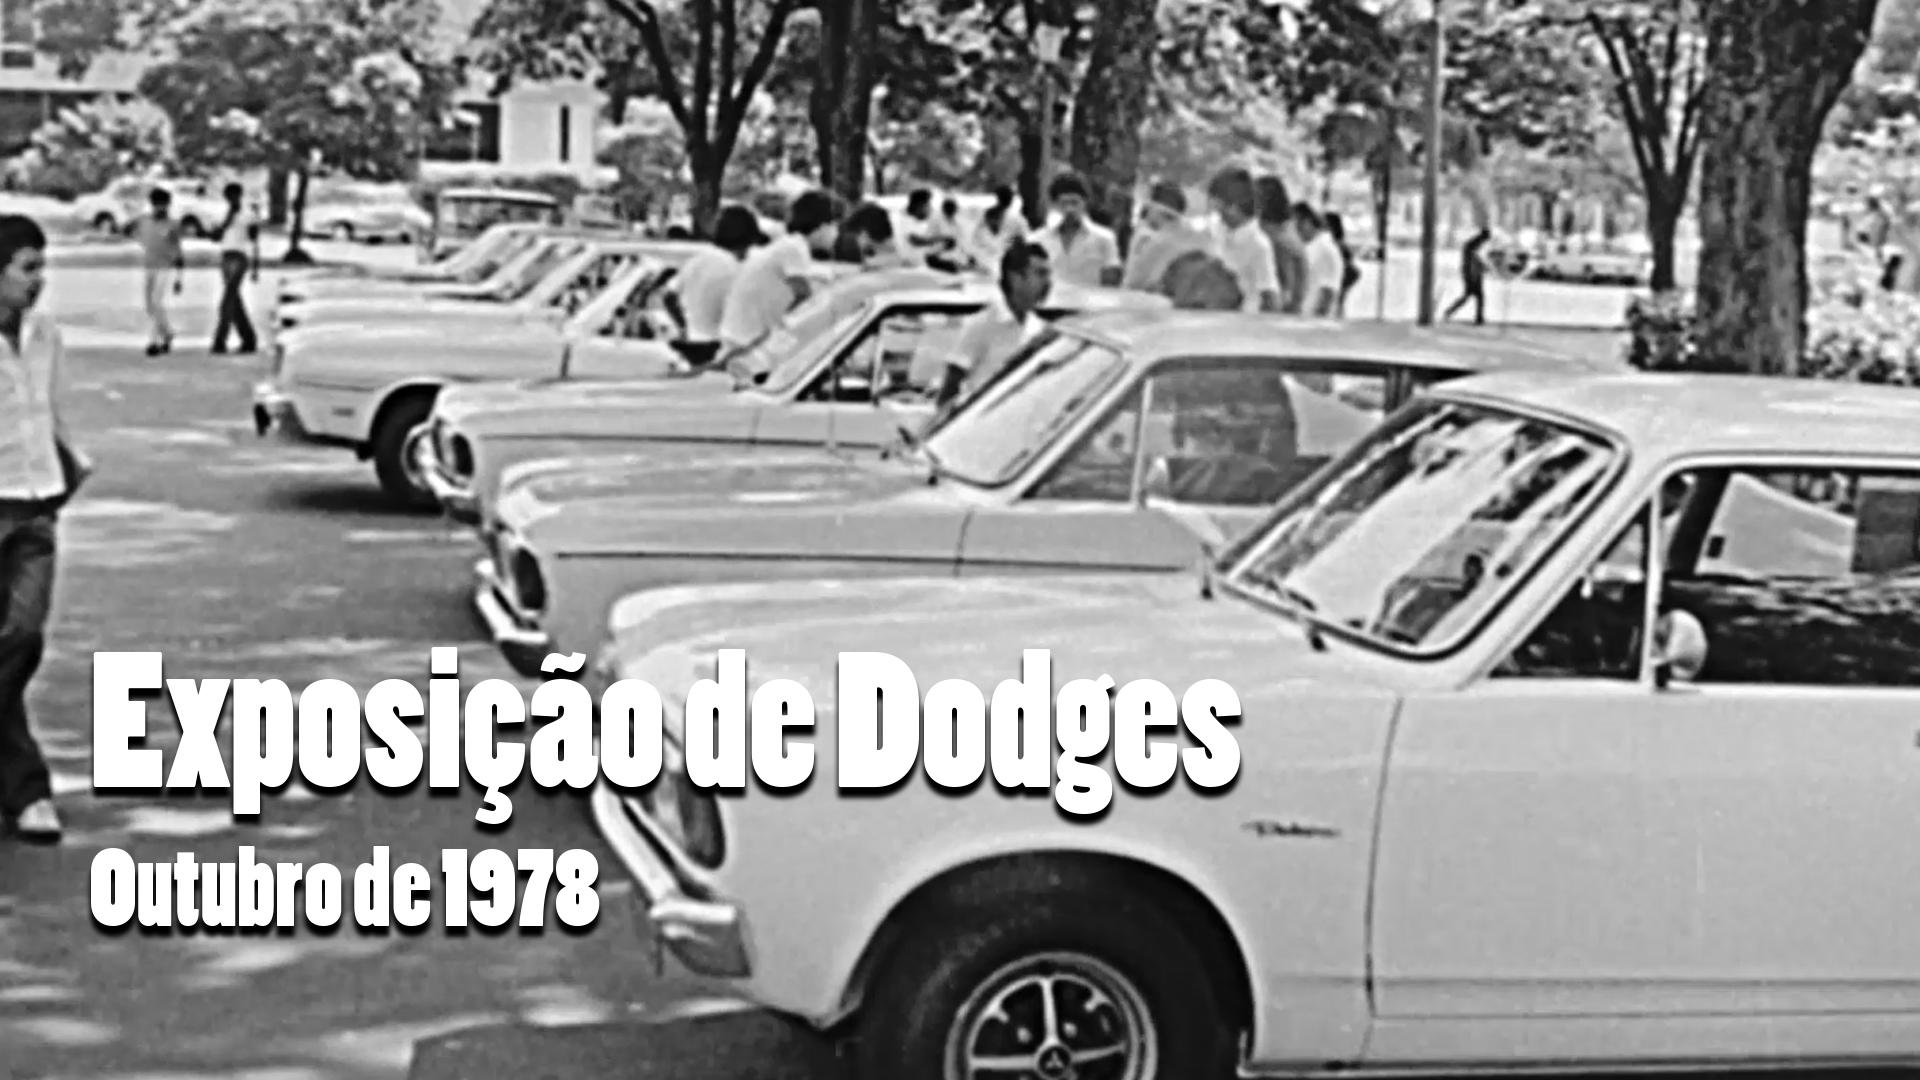 RARIDADE - Exposição de Dodges em 1978